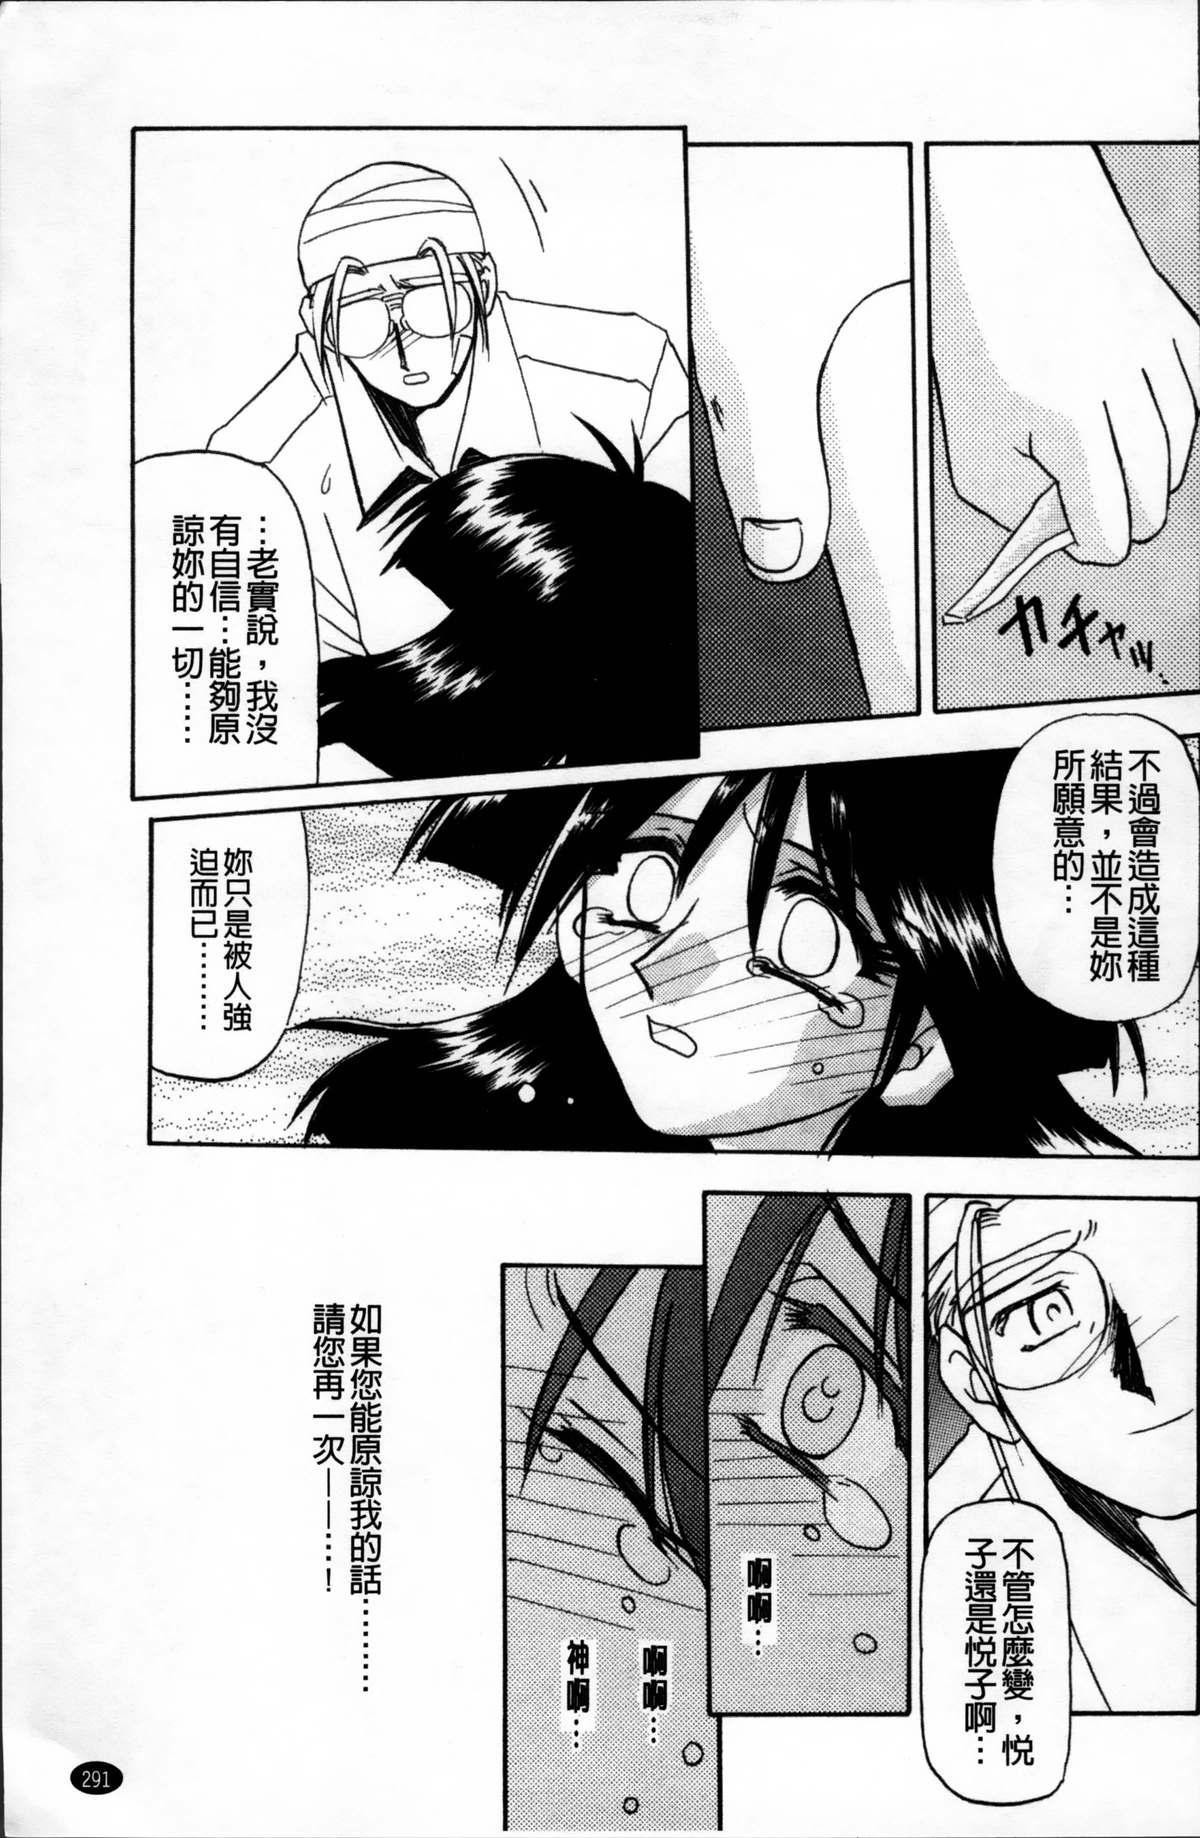 Hiiro no Koku Kanzenban   緋色之刻 完全版 294